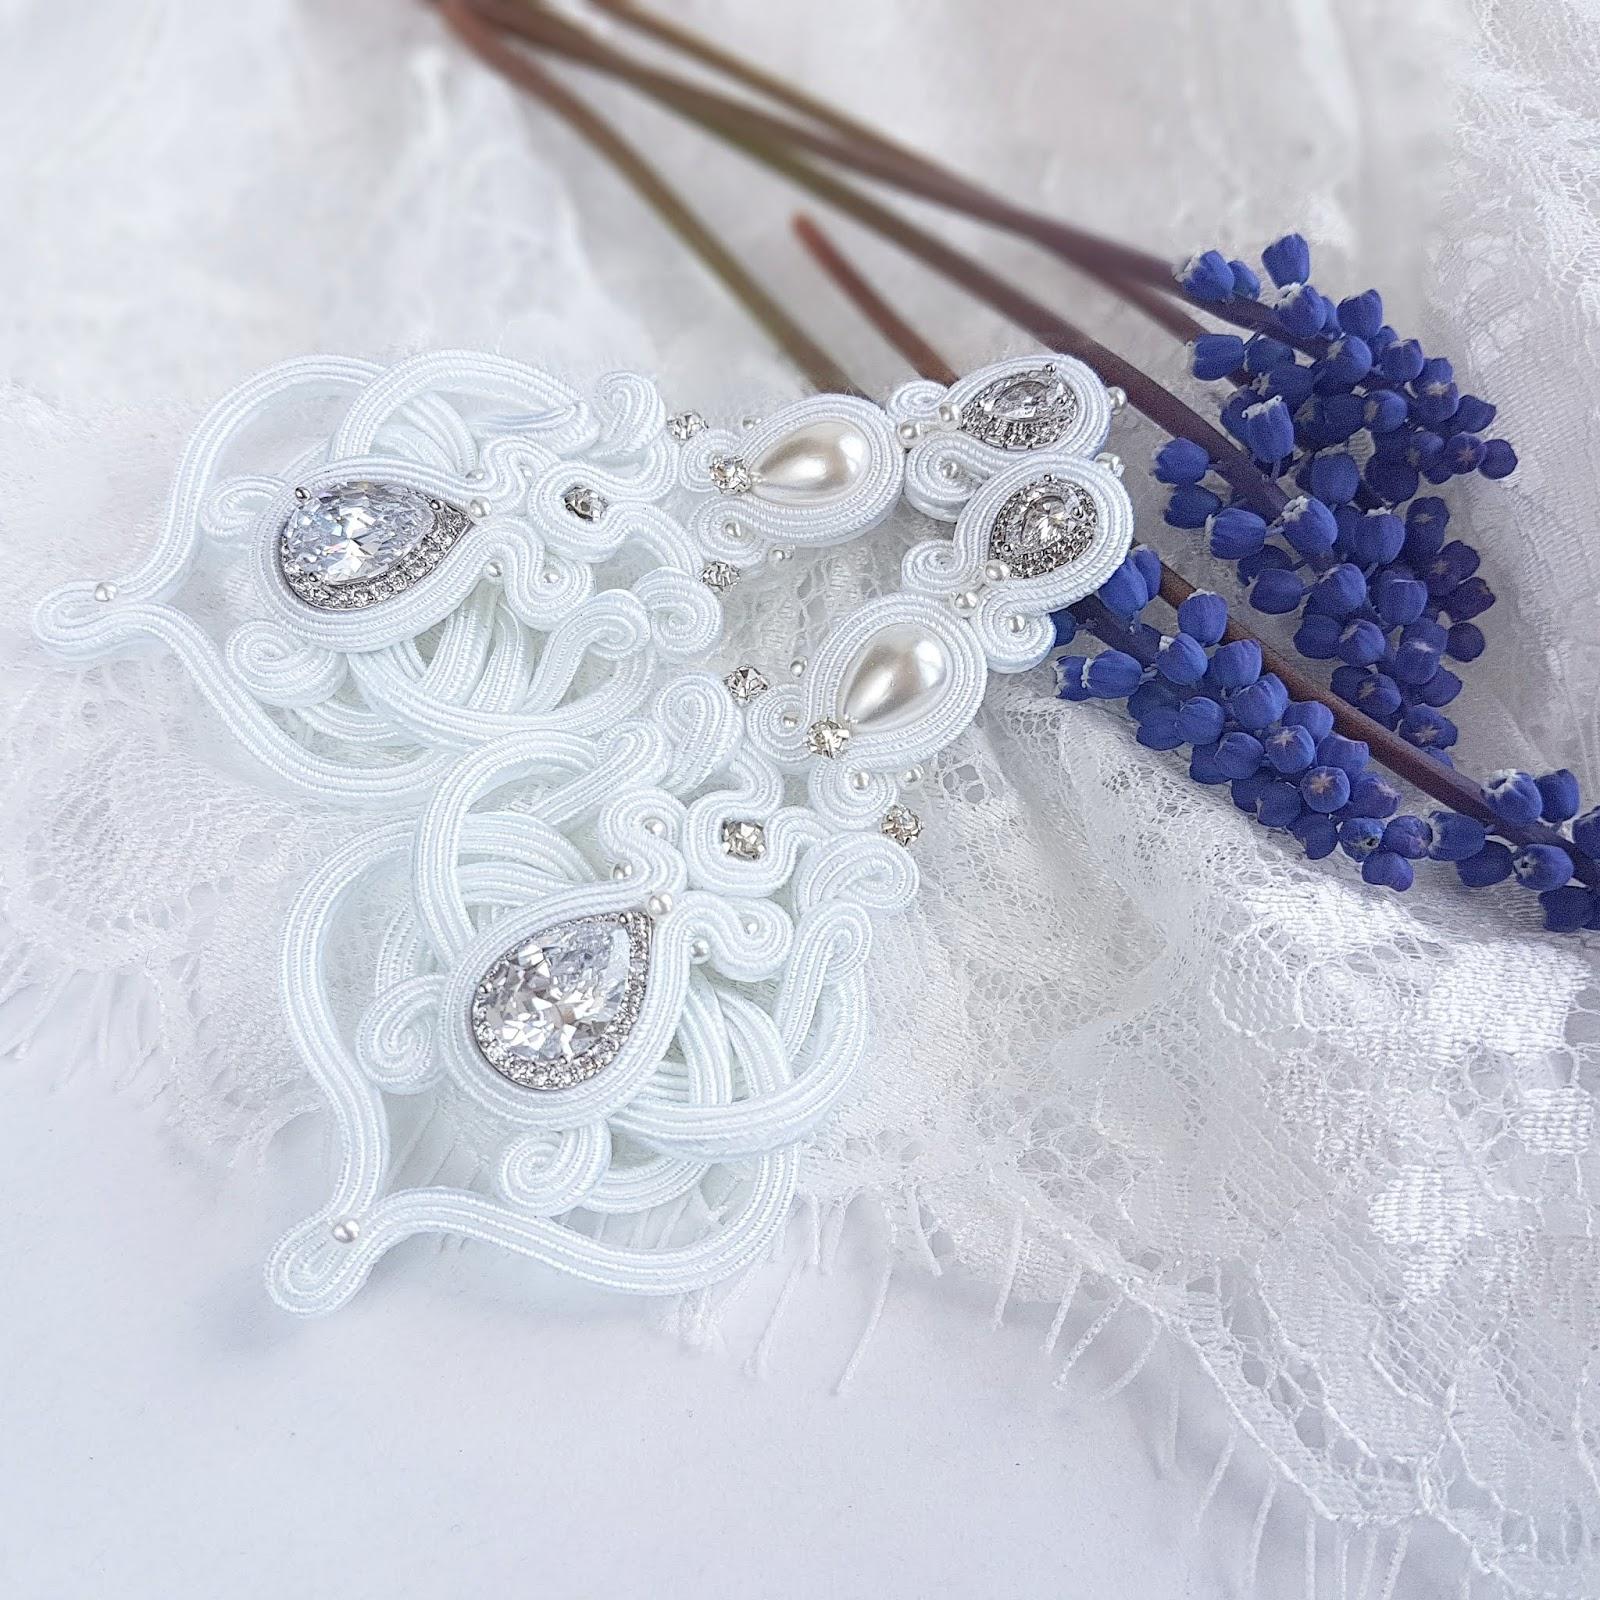 Śnieżnobiałe klipsy ślubne sutasz z cyrkoniami i perłami.